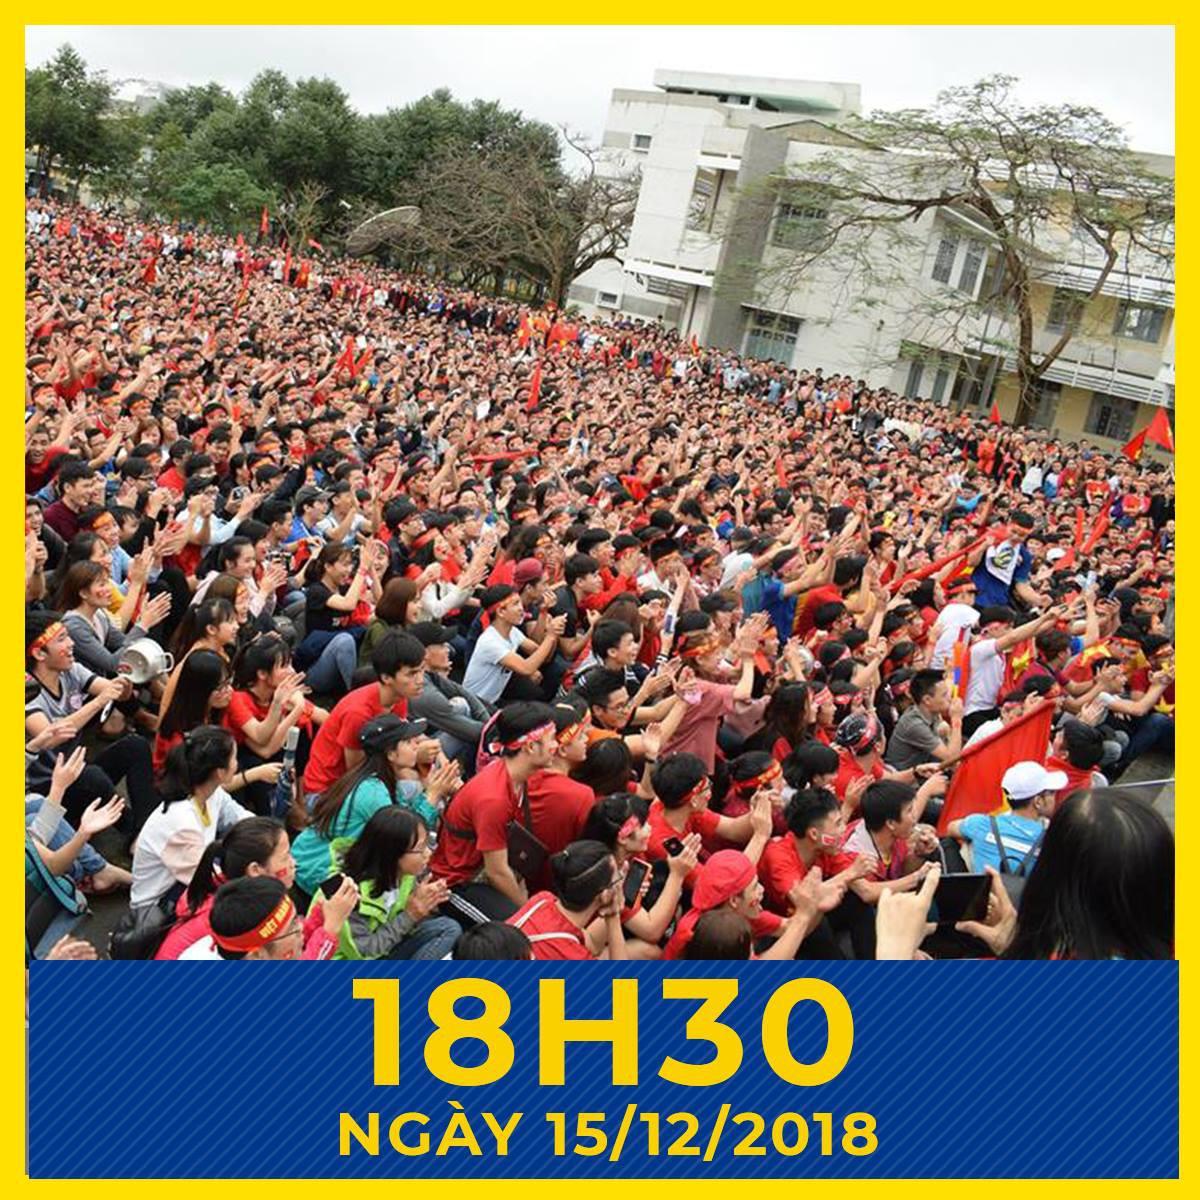 Offline hàng loạt trường Đại học lớn nhất nước, sẵn sàng cháy hết mình cùng đội tuyển Việt Nam - Ảnh 3.